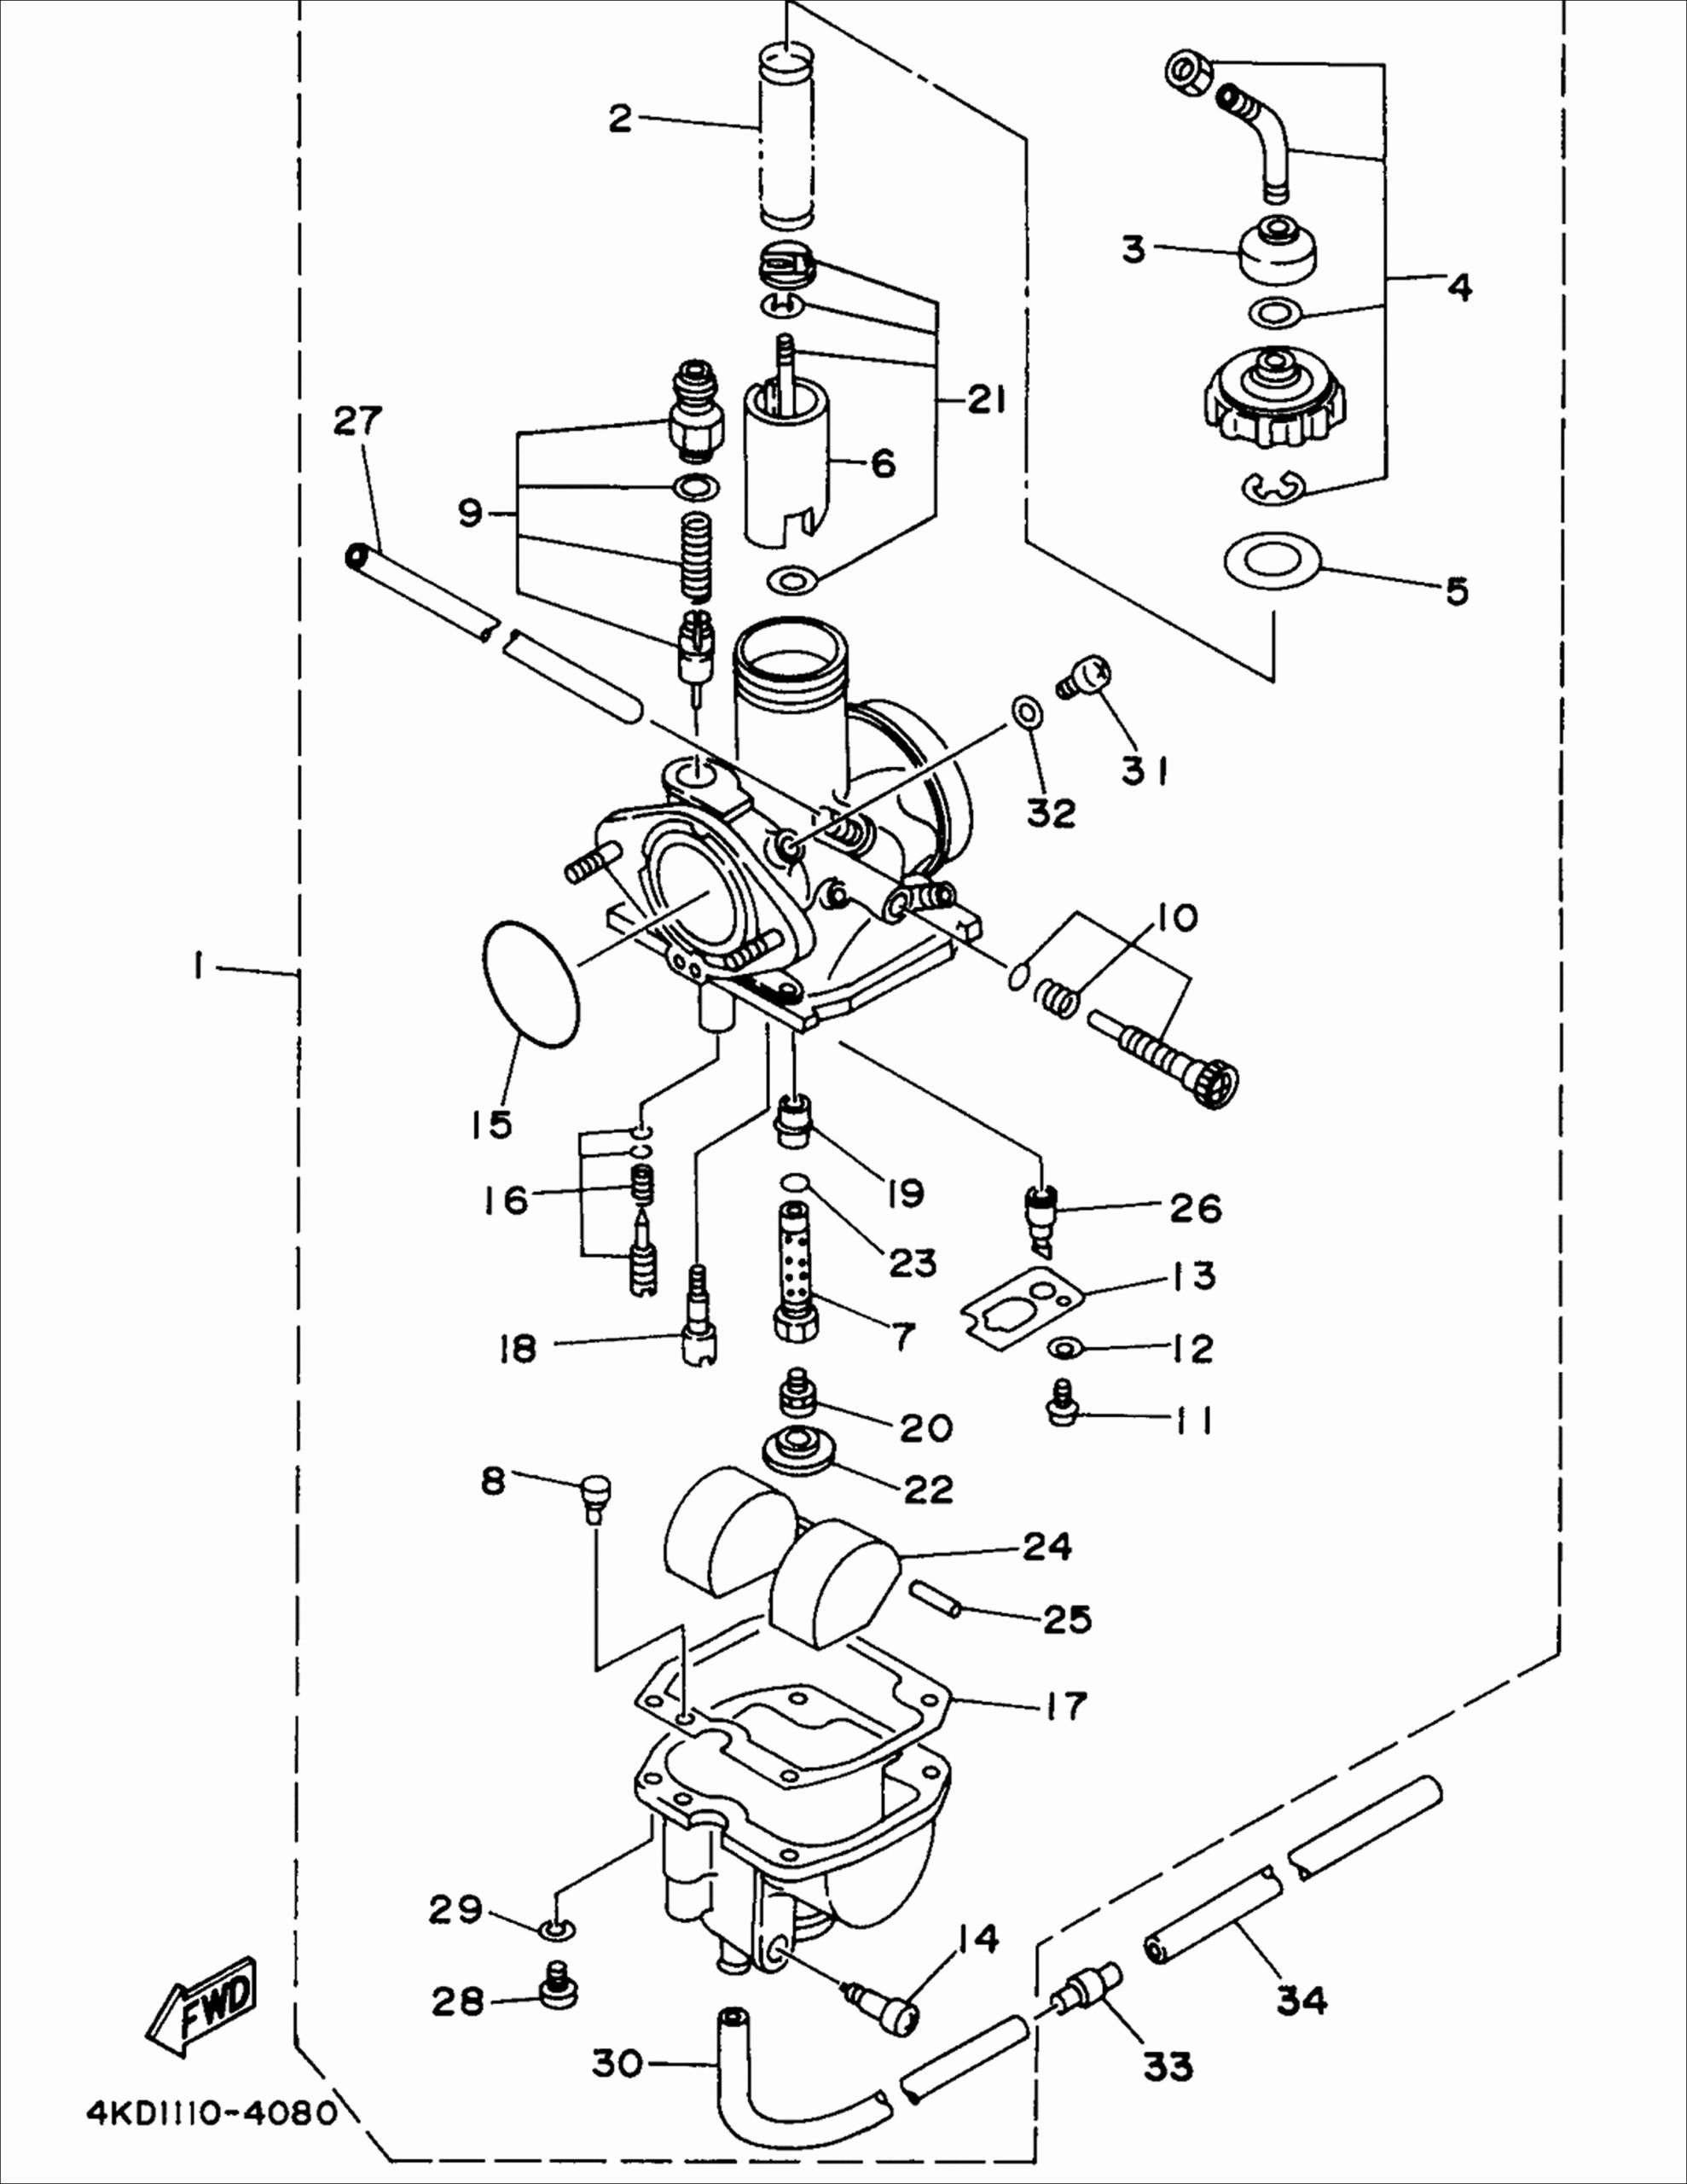 Ford Explorer 4 0 Ohv Firing Order